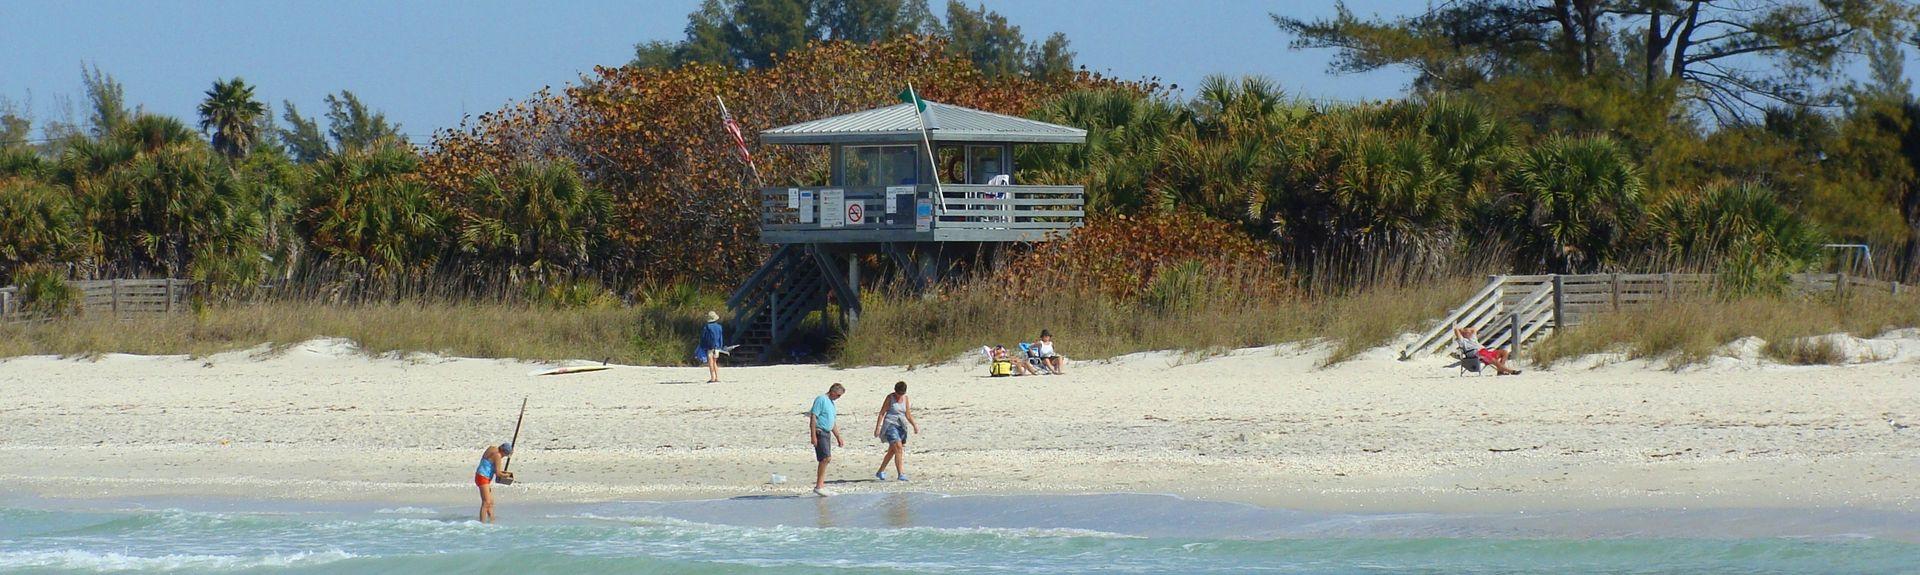 Nokomis Beach, Nokomis, Florida, Estados Unidos